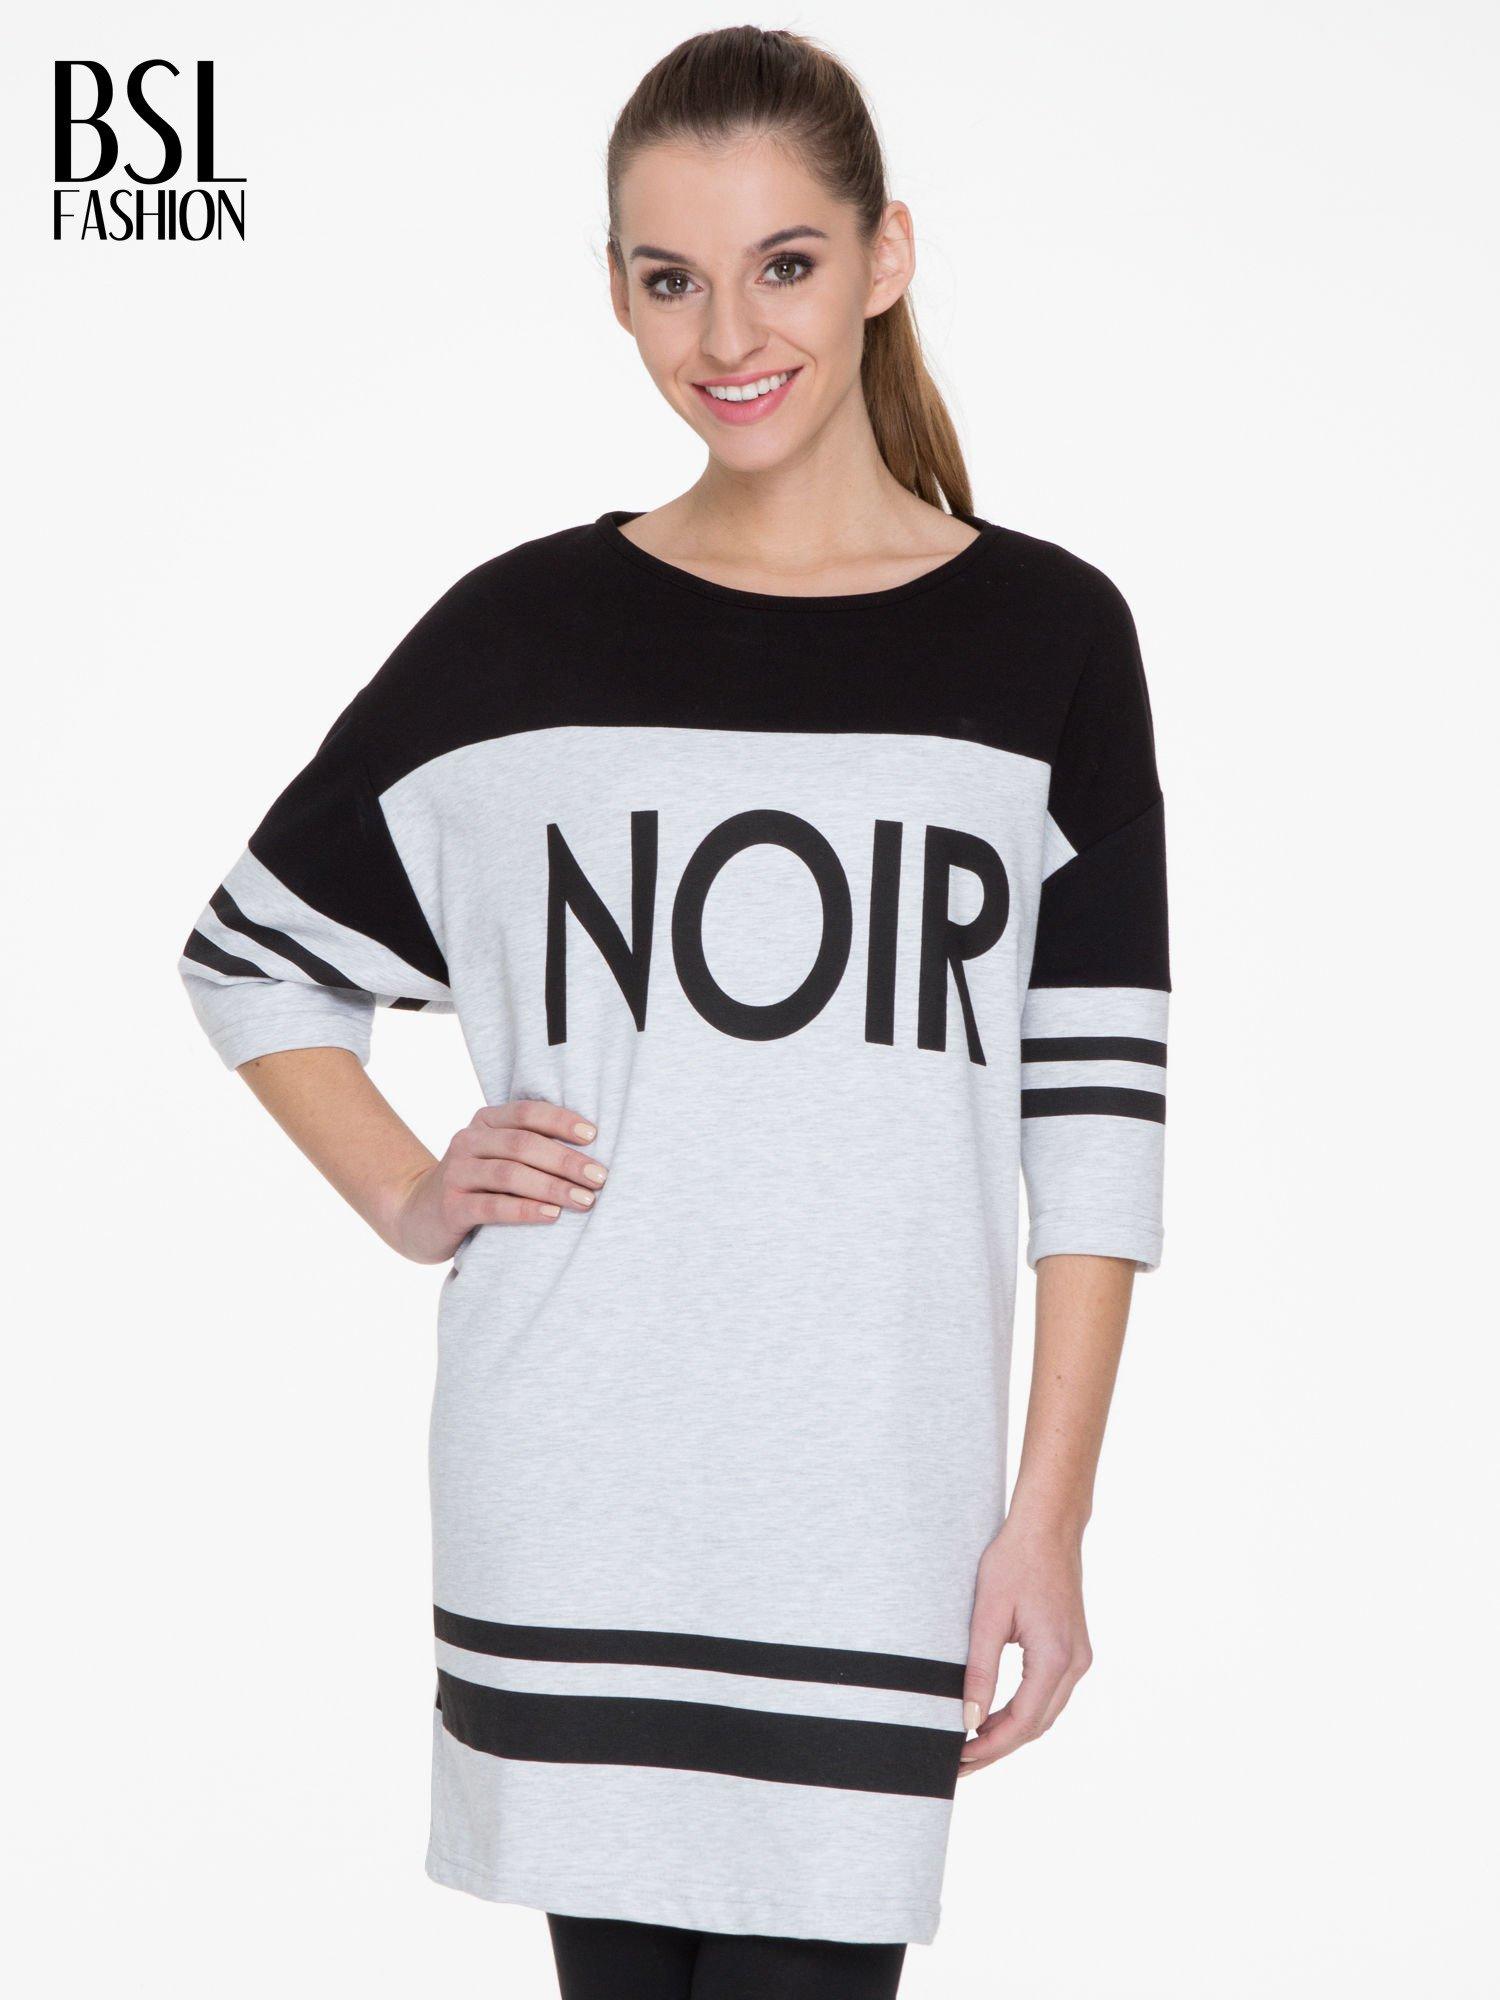 Szara sukienka z napisem NOIR w stylu sportowym                                  zdj.                                  1